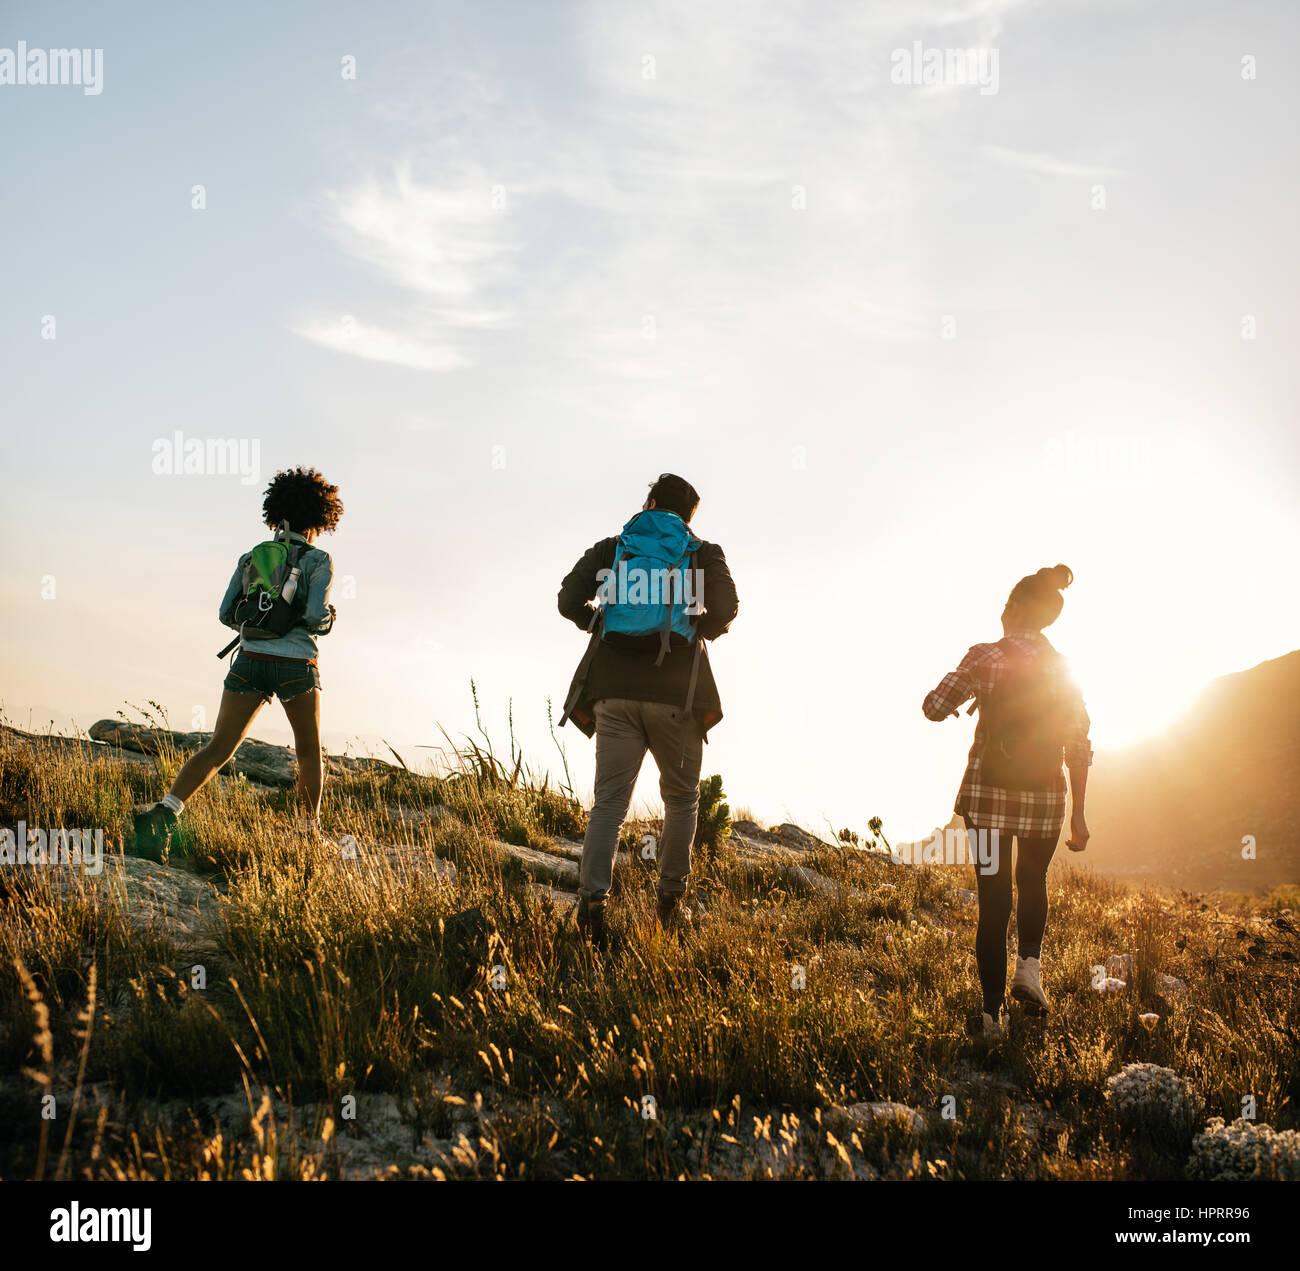 Vista trasera foto de jóvenes caminatas en la naturaleza en un día de verano. Tres jóvenes amigos Imagen De Stock